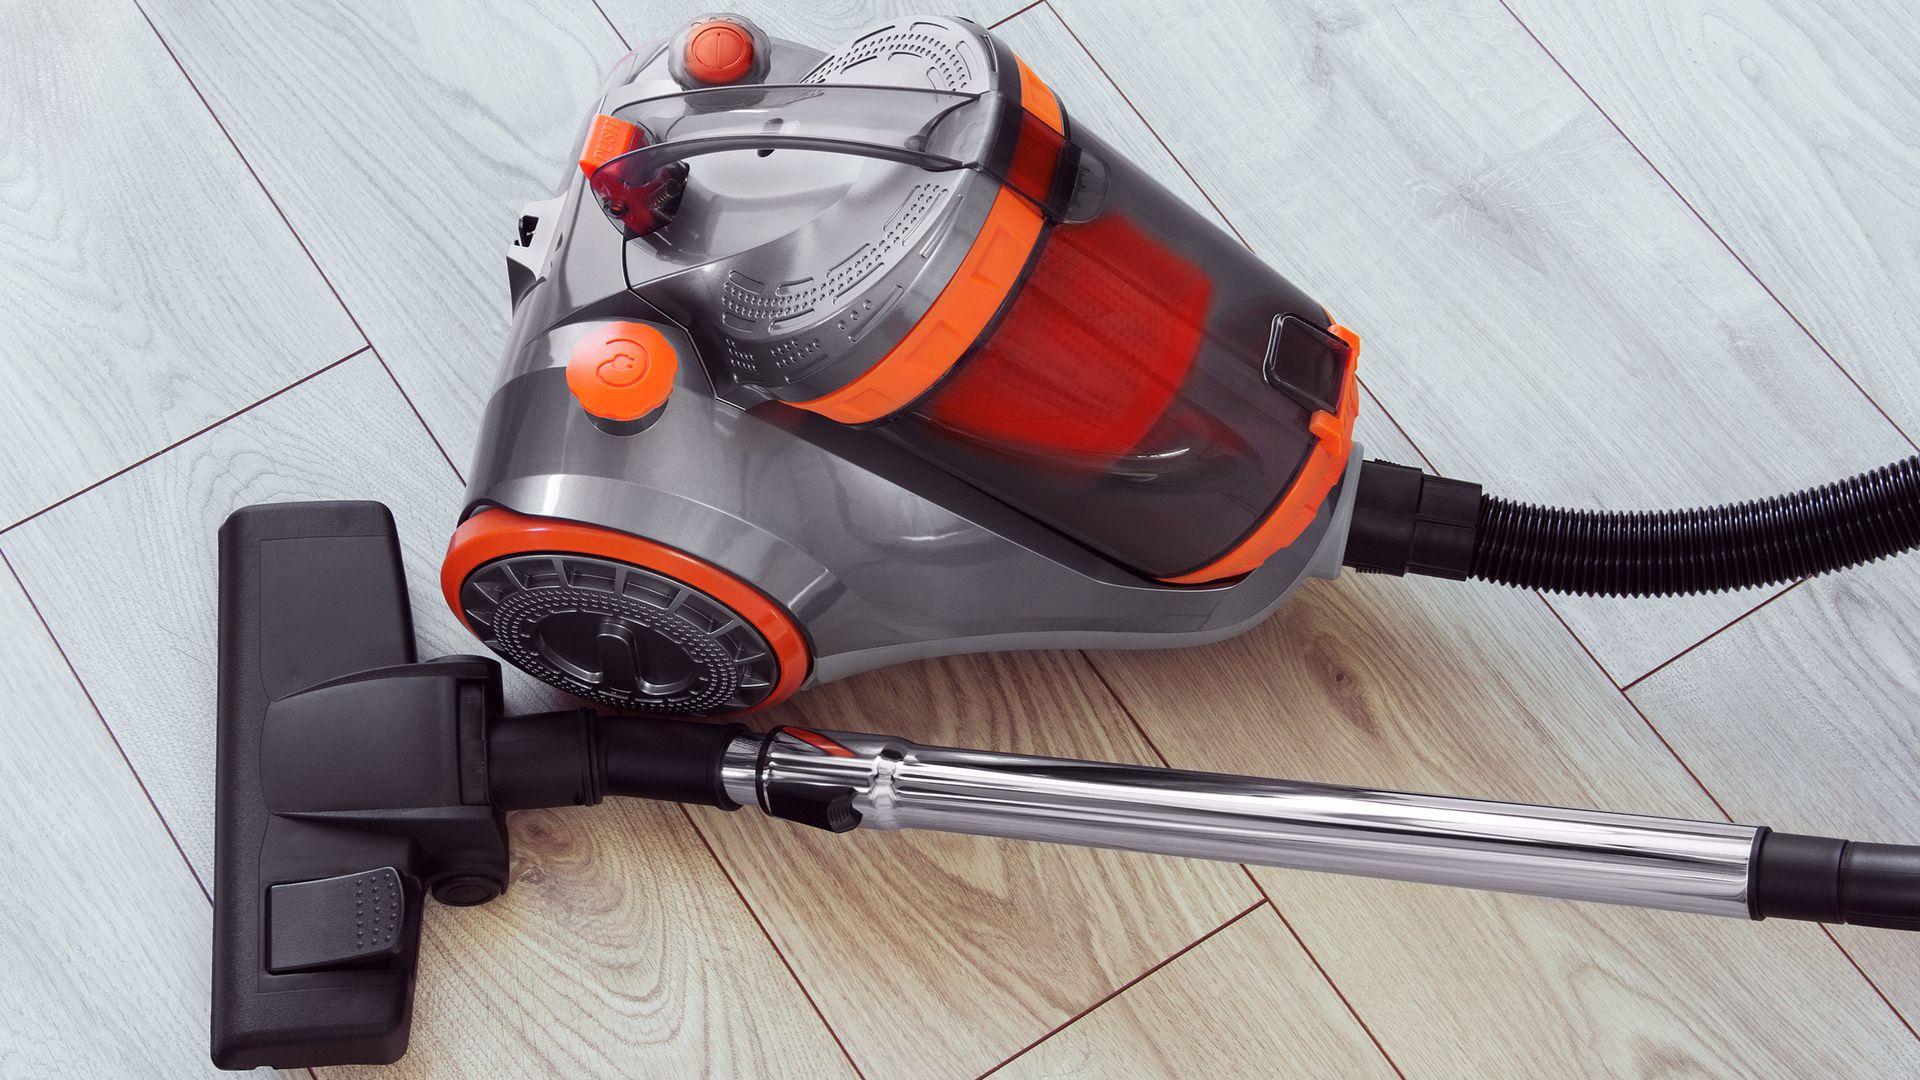 Aspiradores de pó 1.800W são modelos mais robustos e que acabam ocupando mais espaço. (Imagem: Reprodução/Shutterstock)